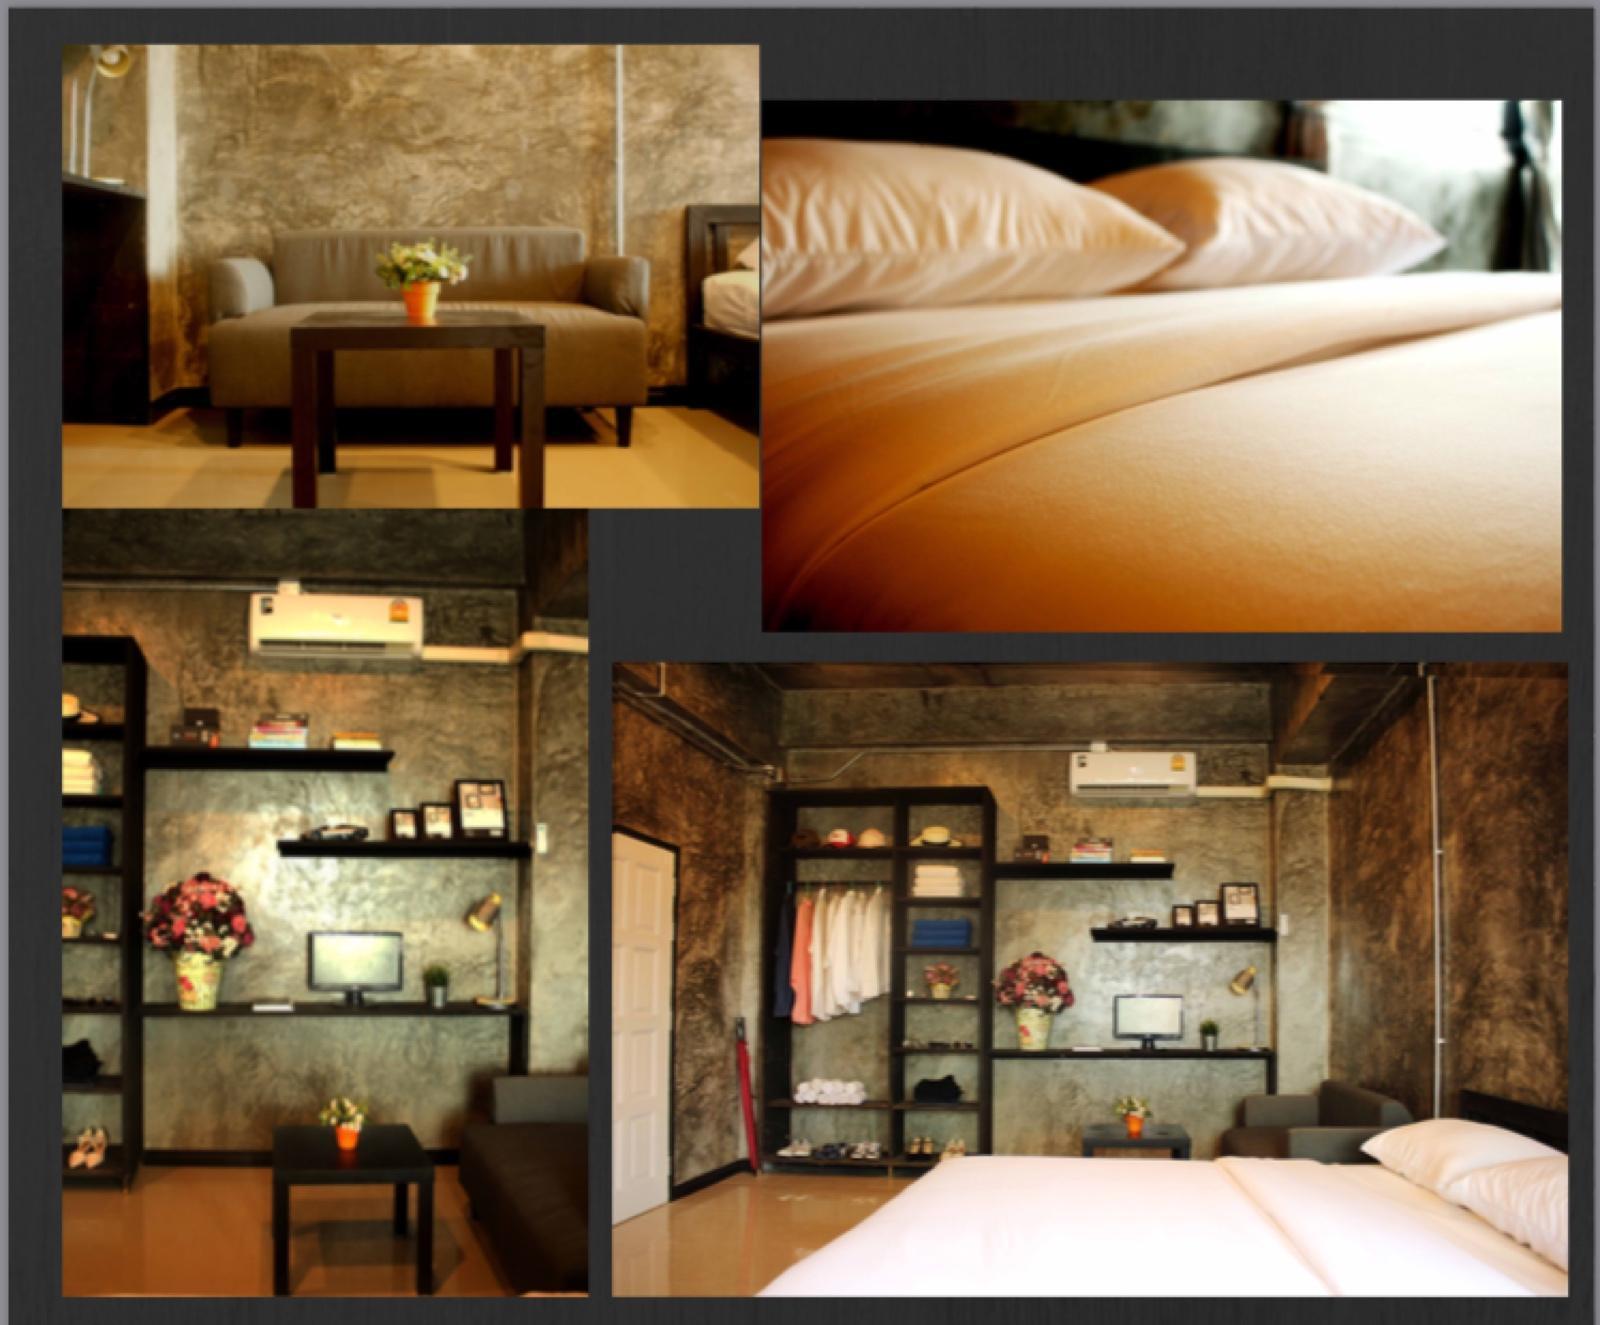 The loft residence ห้อง 202 อพาร์ตเมนต์ 1 ห้องนอน 1 ห้องน้ำส่วนตัว ขนาด 30 ตร.ม. – ธนบุรี